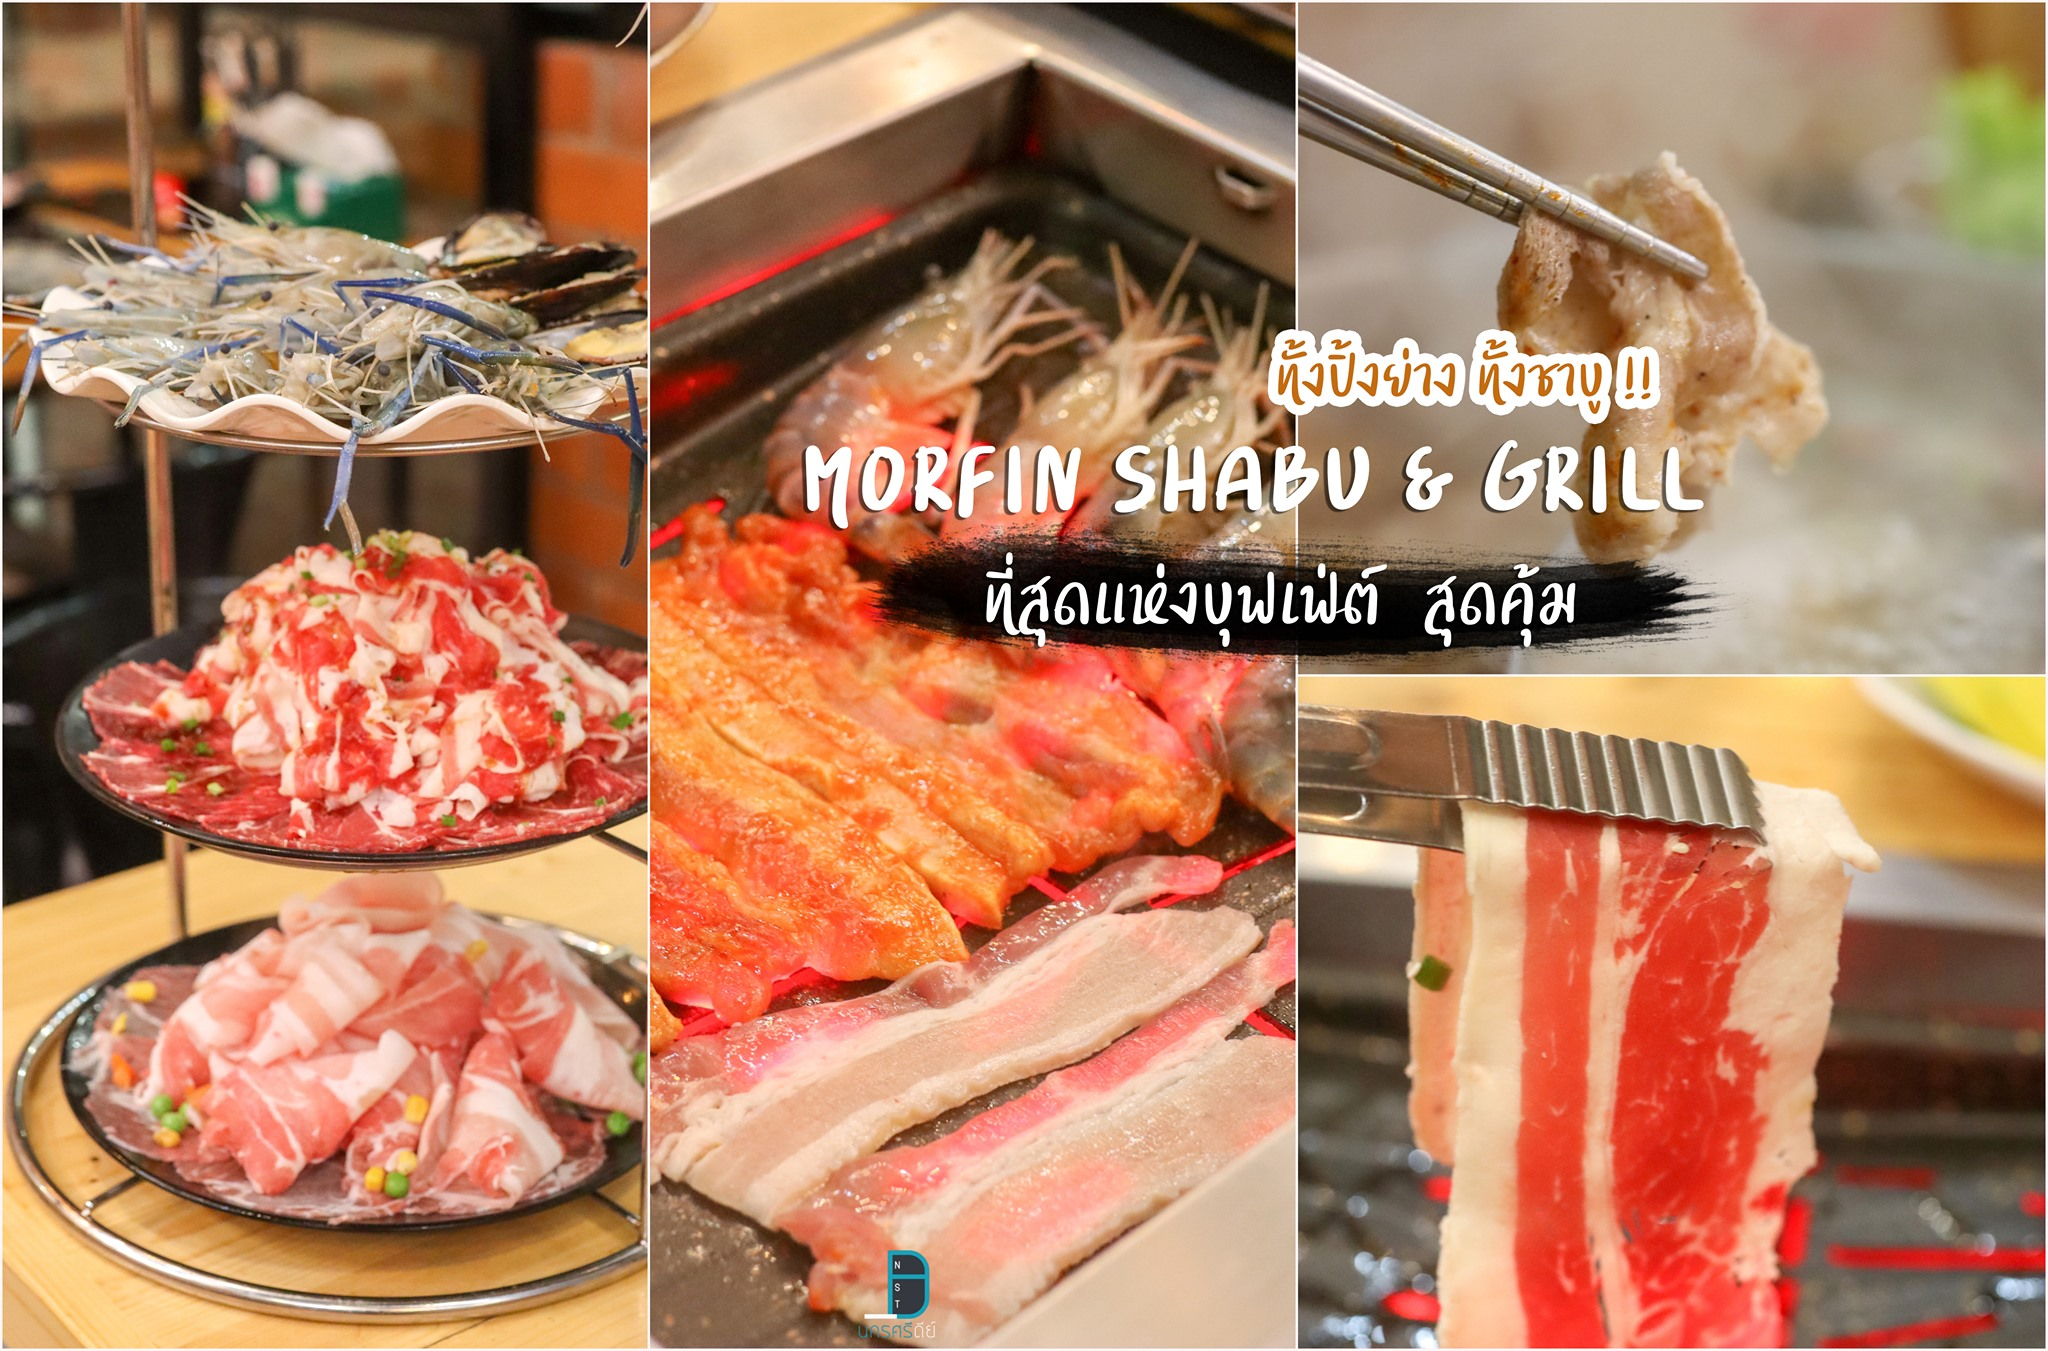 ปิ้งย่างเกาหลี ชาบูแบบจุกๆ Morfin Shabu Grill นครศรีธรรมราช ที่สุดแห่งบุฟเฟ่ต์